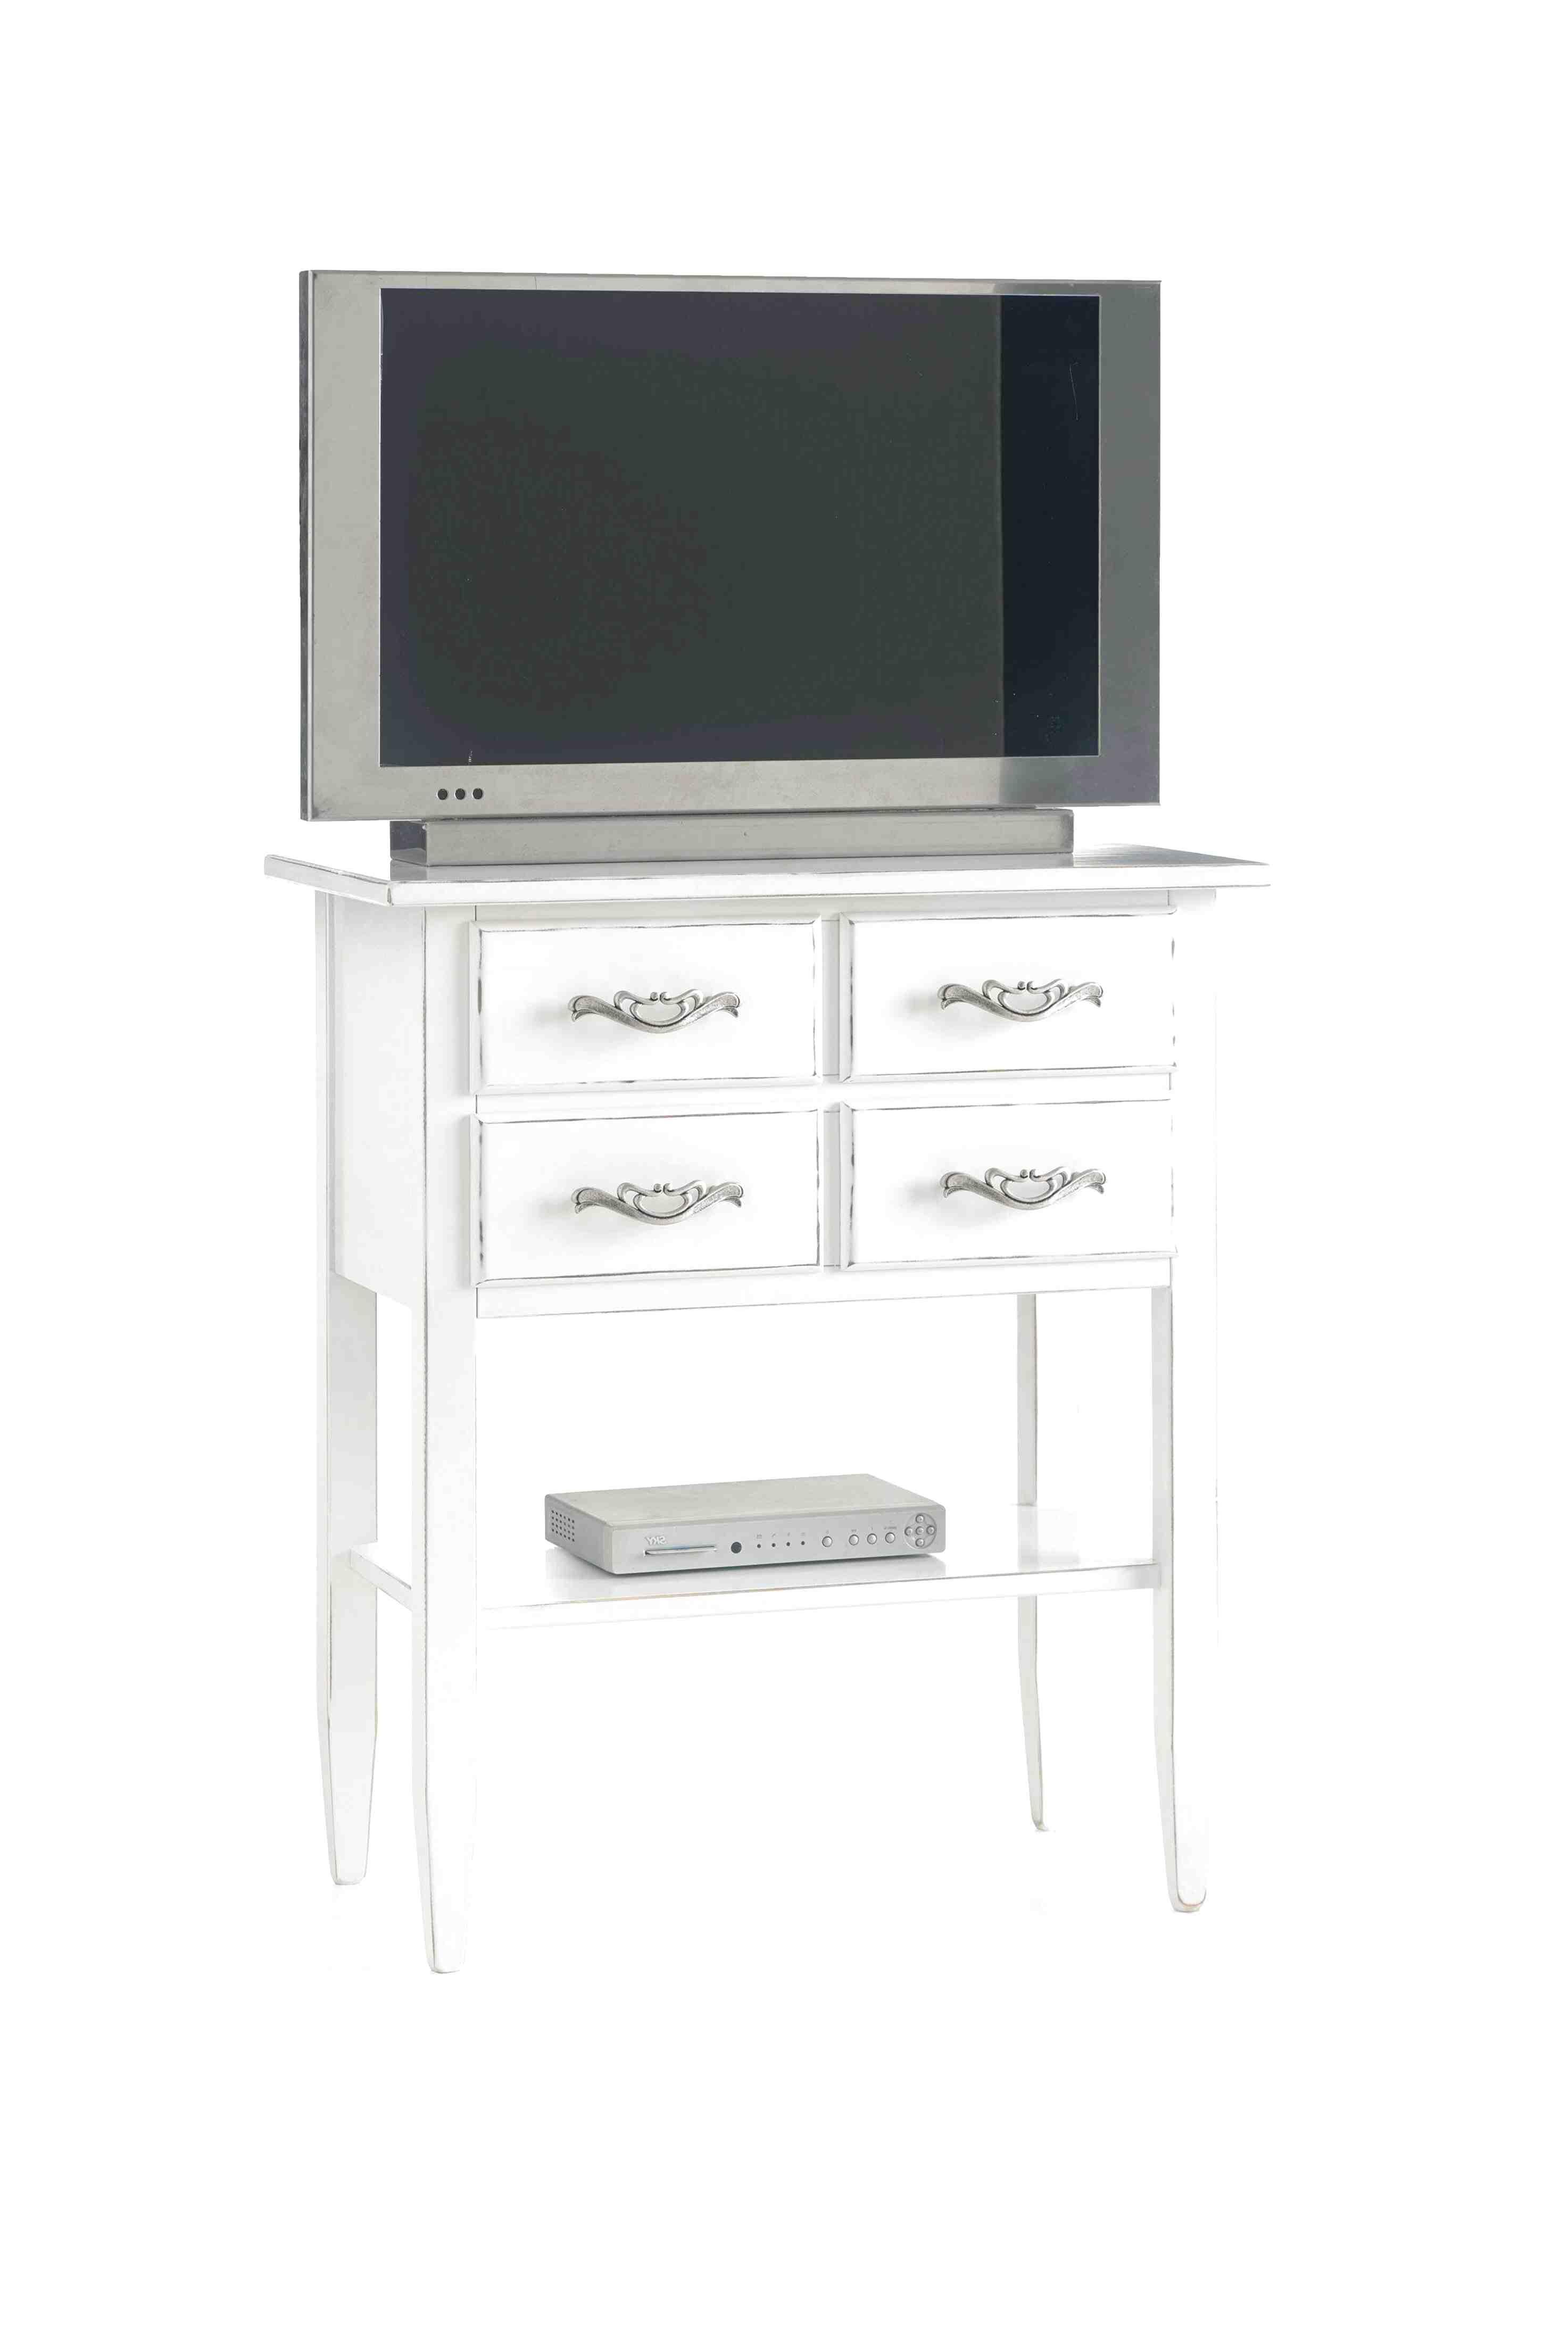 Pannello Porta Tv Orientabile Ikea.Mobili Porta Tv Cagliari Usato In Italia Vedi Tutte I 25 Prezzi